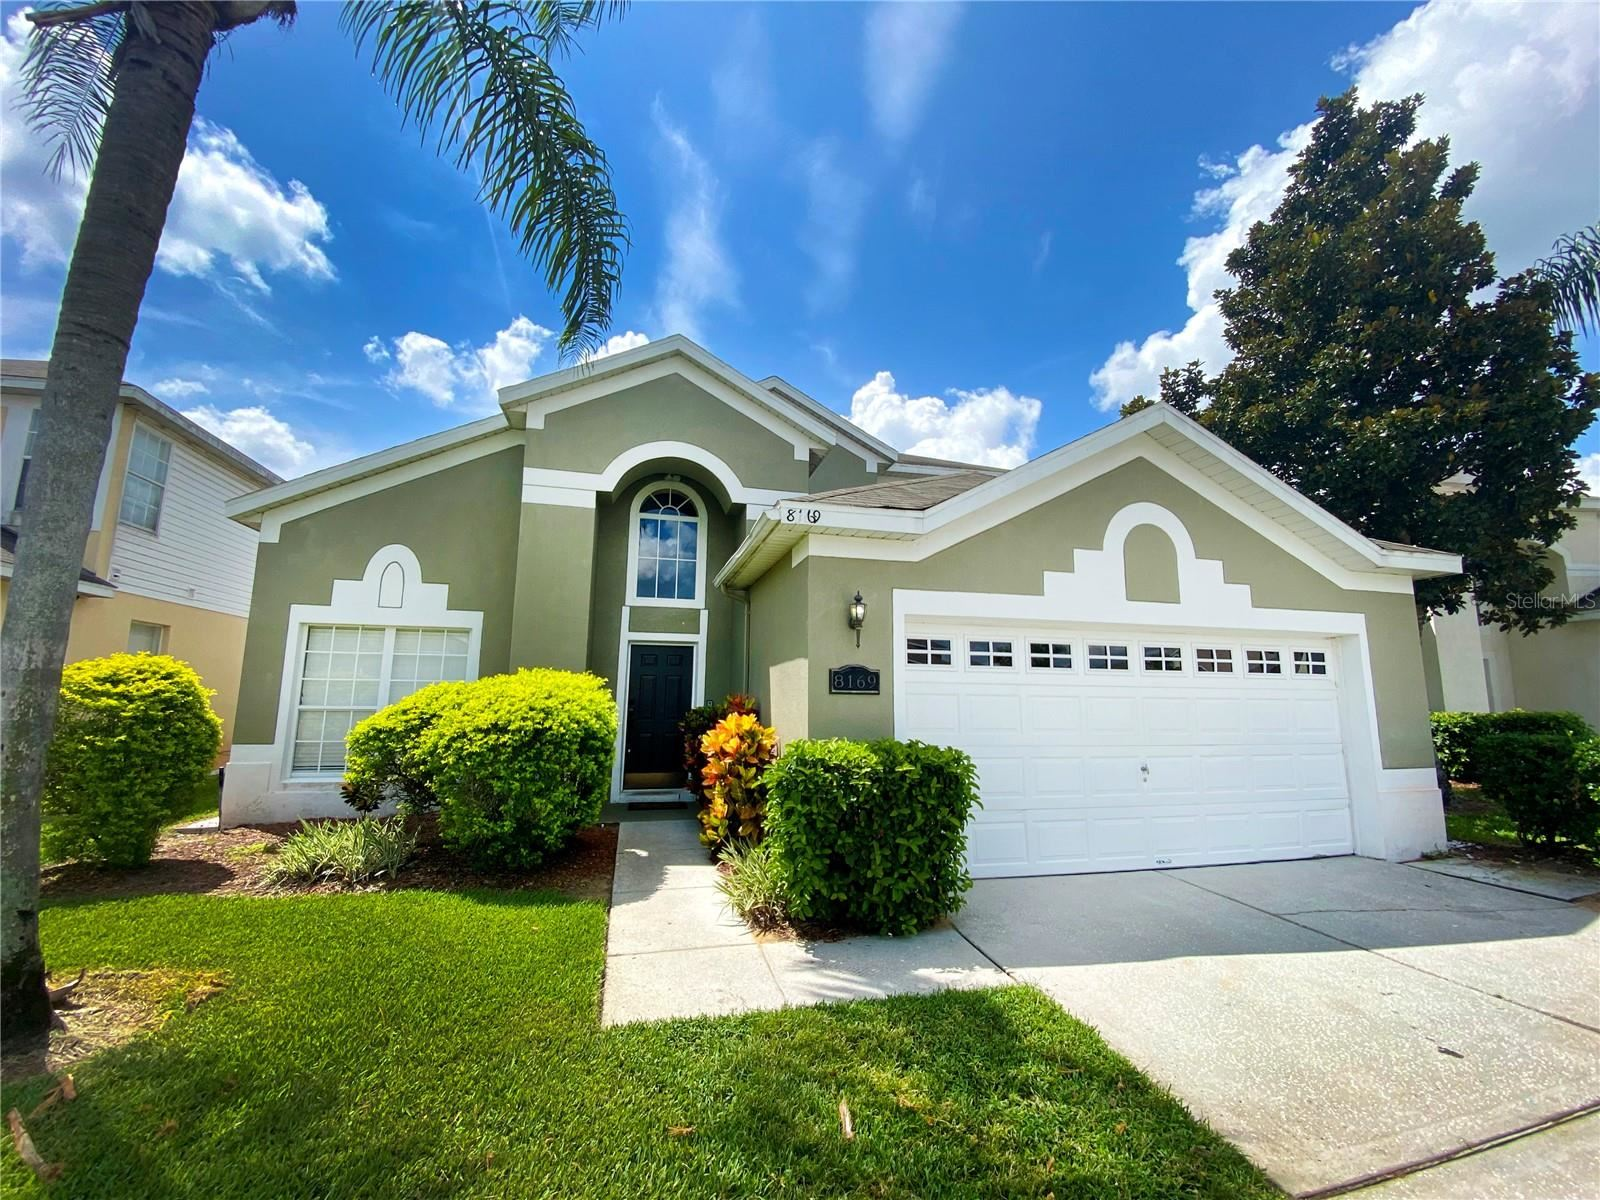 8169 SUN PALM DRIVE, Kissimmee, FL 34747 - #: S5055818